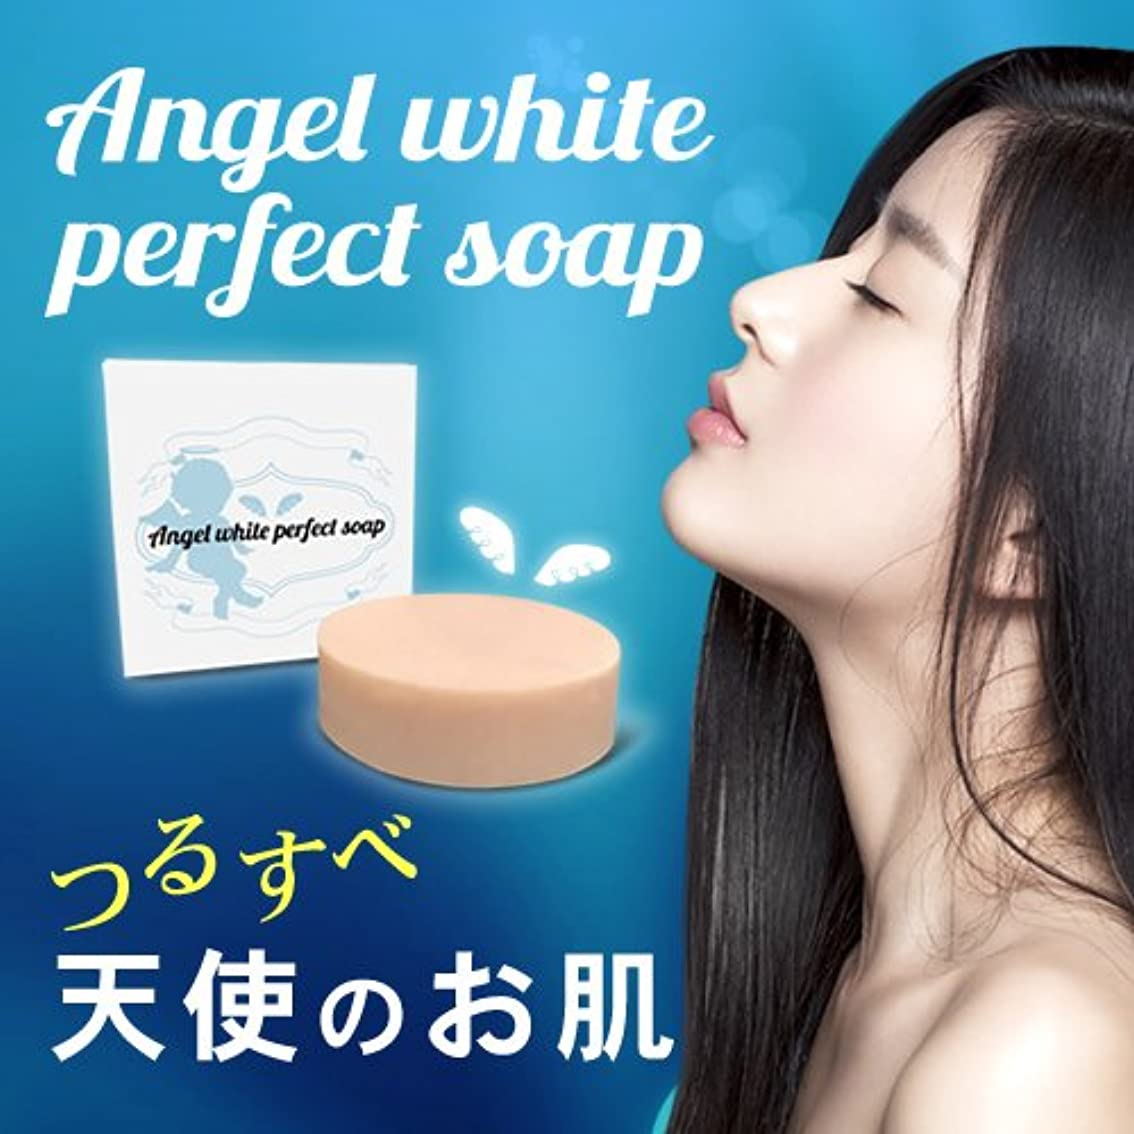 旅慢側Angel White Perfect Soap(エンジェルホワイトパーフェクトソープ) 美白 美白石けん 美肌 洗顔石鹸